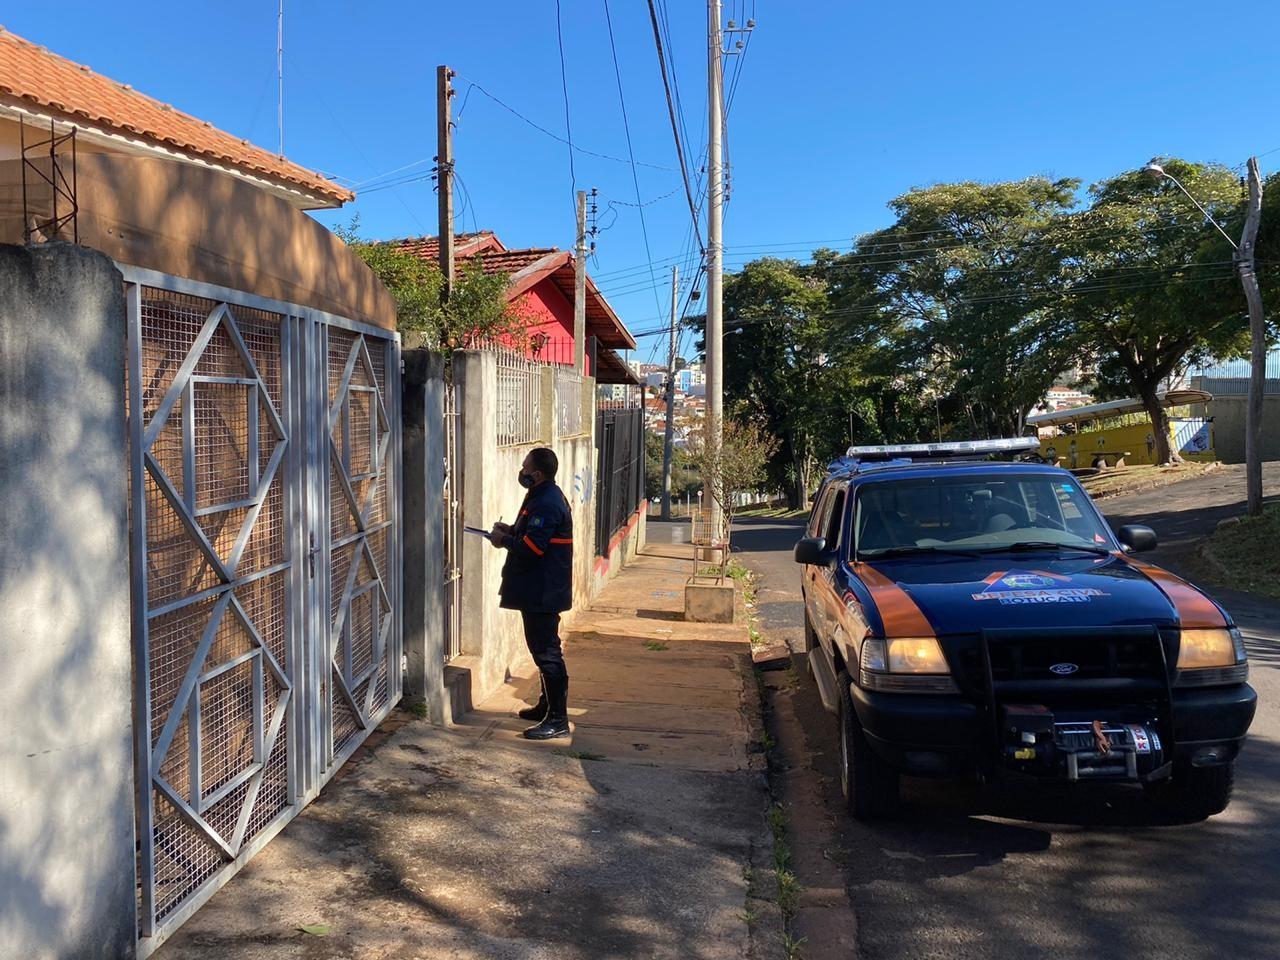 Agentes de saúde de Botucatu fazem visita surpresa a moradores com Covid-19 para fiscalizar isolamento